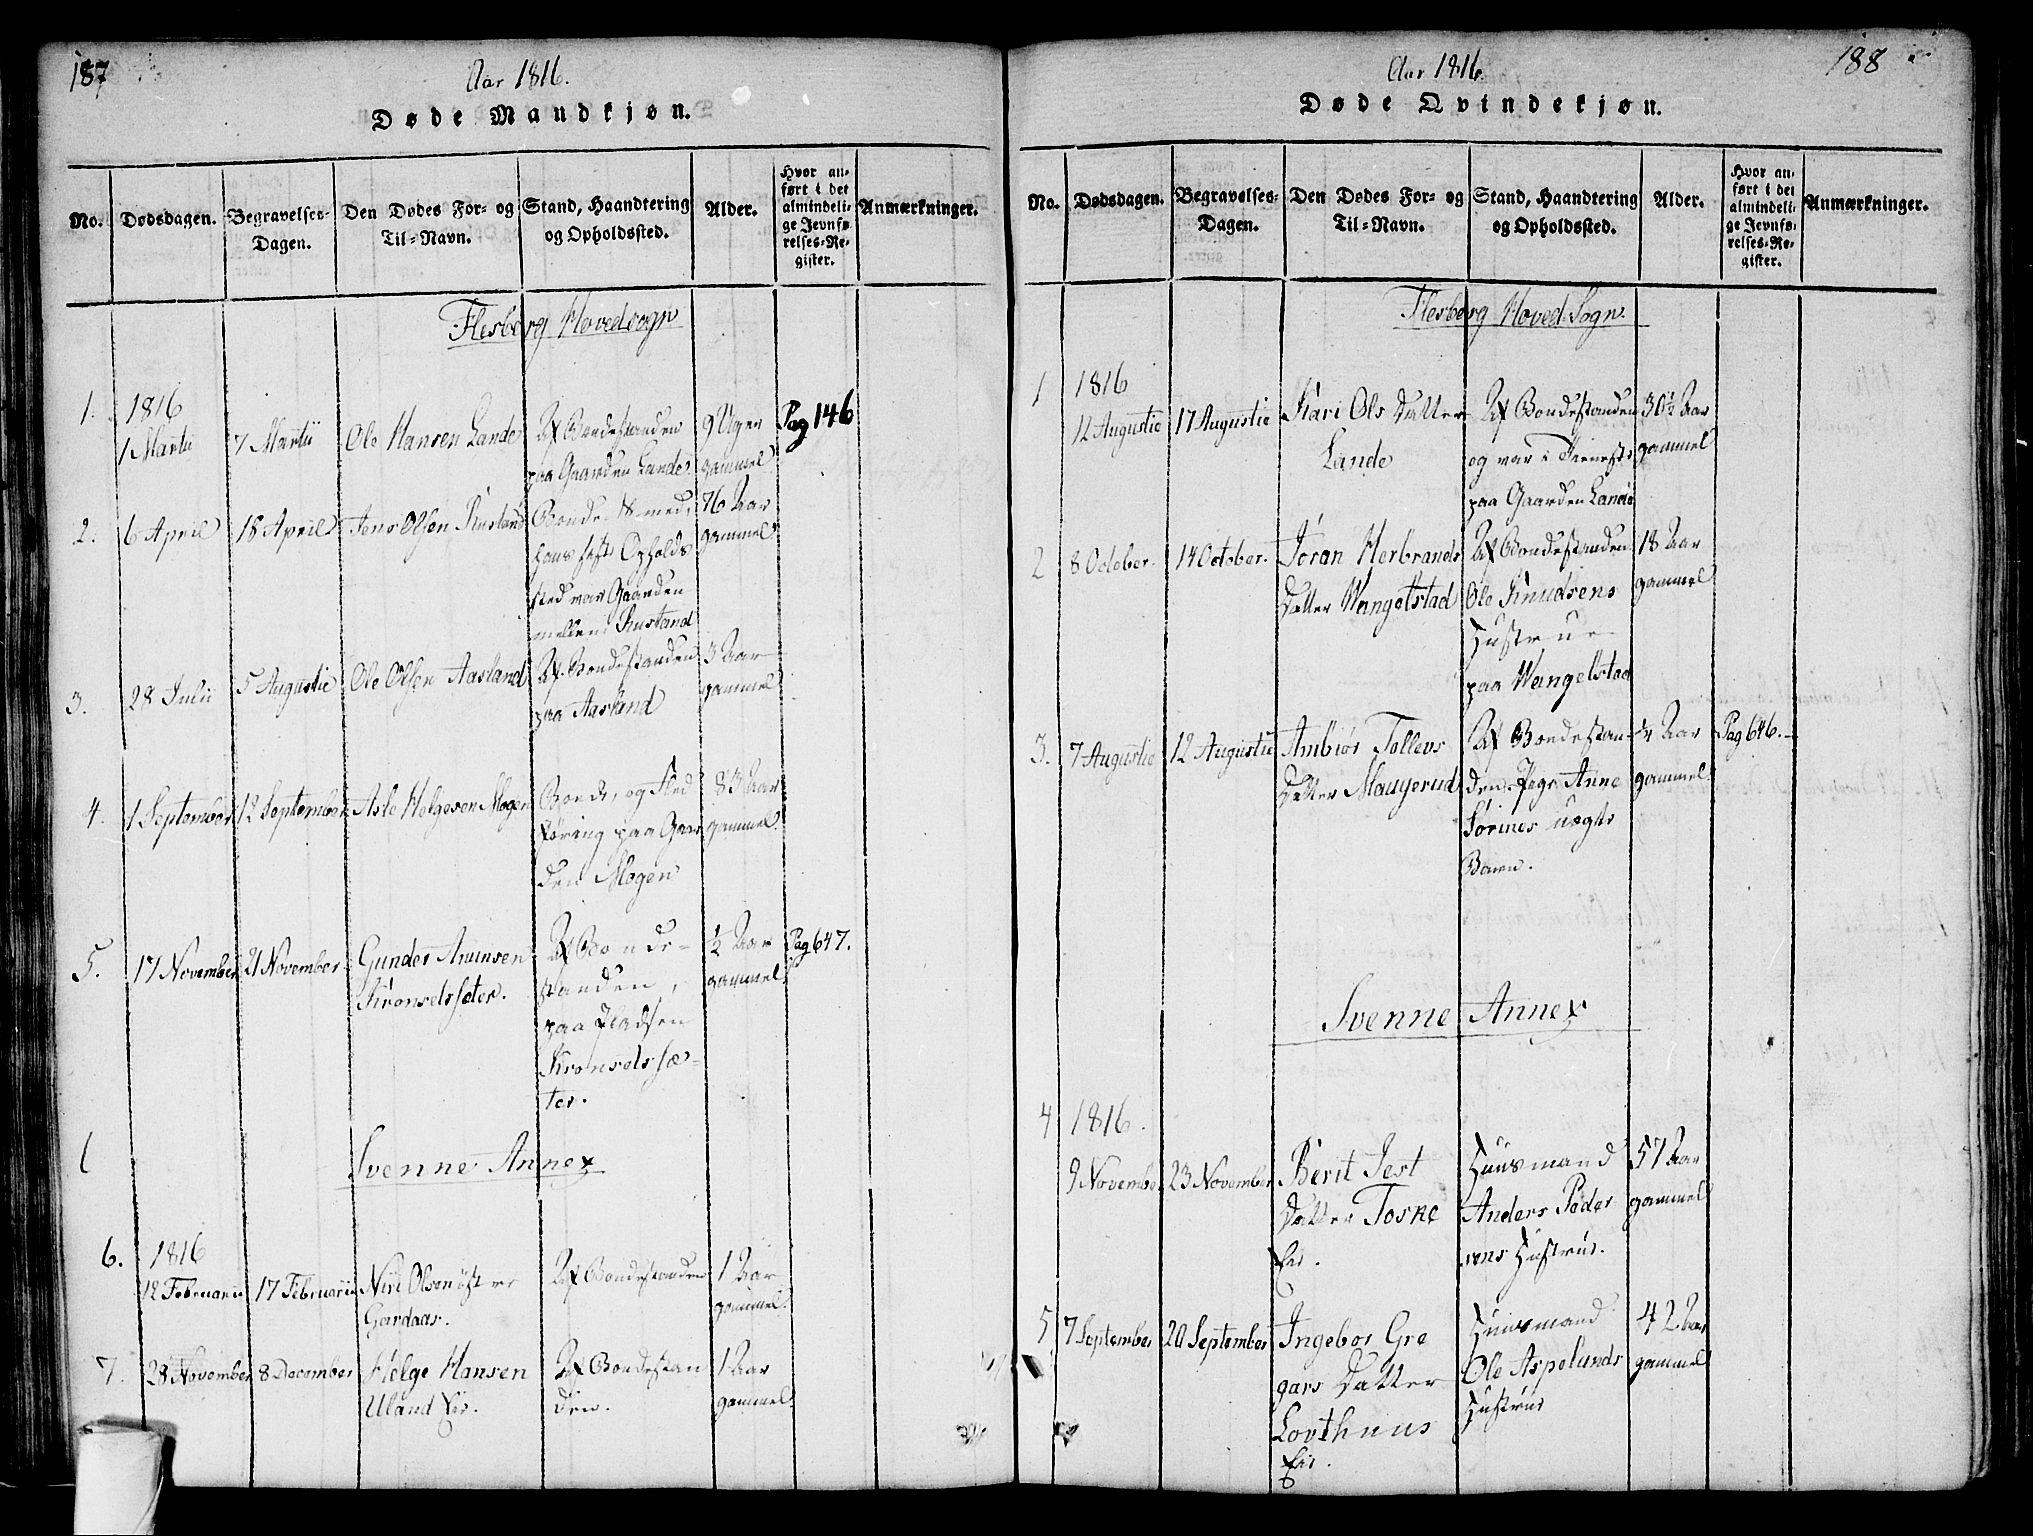 SAKO, Flesberg kirkebøker, G/Ga/L0001: Klokkerbok nr. I 1, 1816-1834, s. 187-188